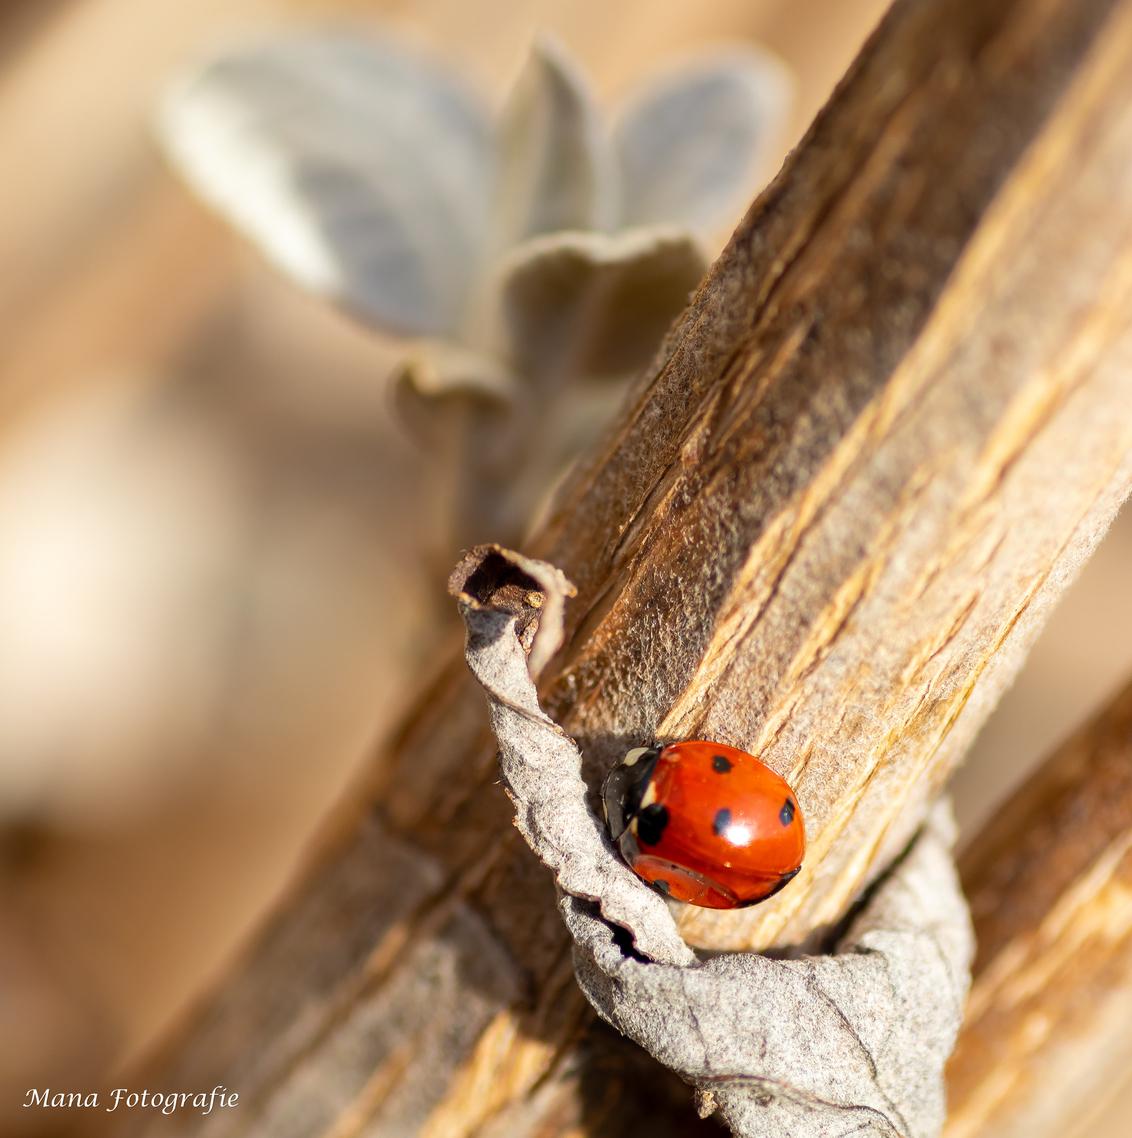 De zon weerkaatst in de vleugels - Als de zon weerkaatst in de vleugels van een lieveheersbeestje dan weet je dat de lente er aan komt! - foto door Manafotografie op 20-02-2021 - deze foto bevat: macro, lente, natuur, lieveheersbeestje, licht, tuin, vlindertuin